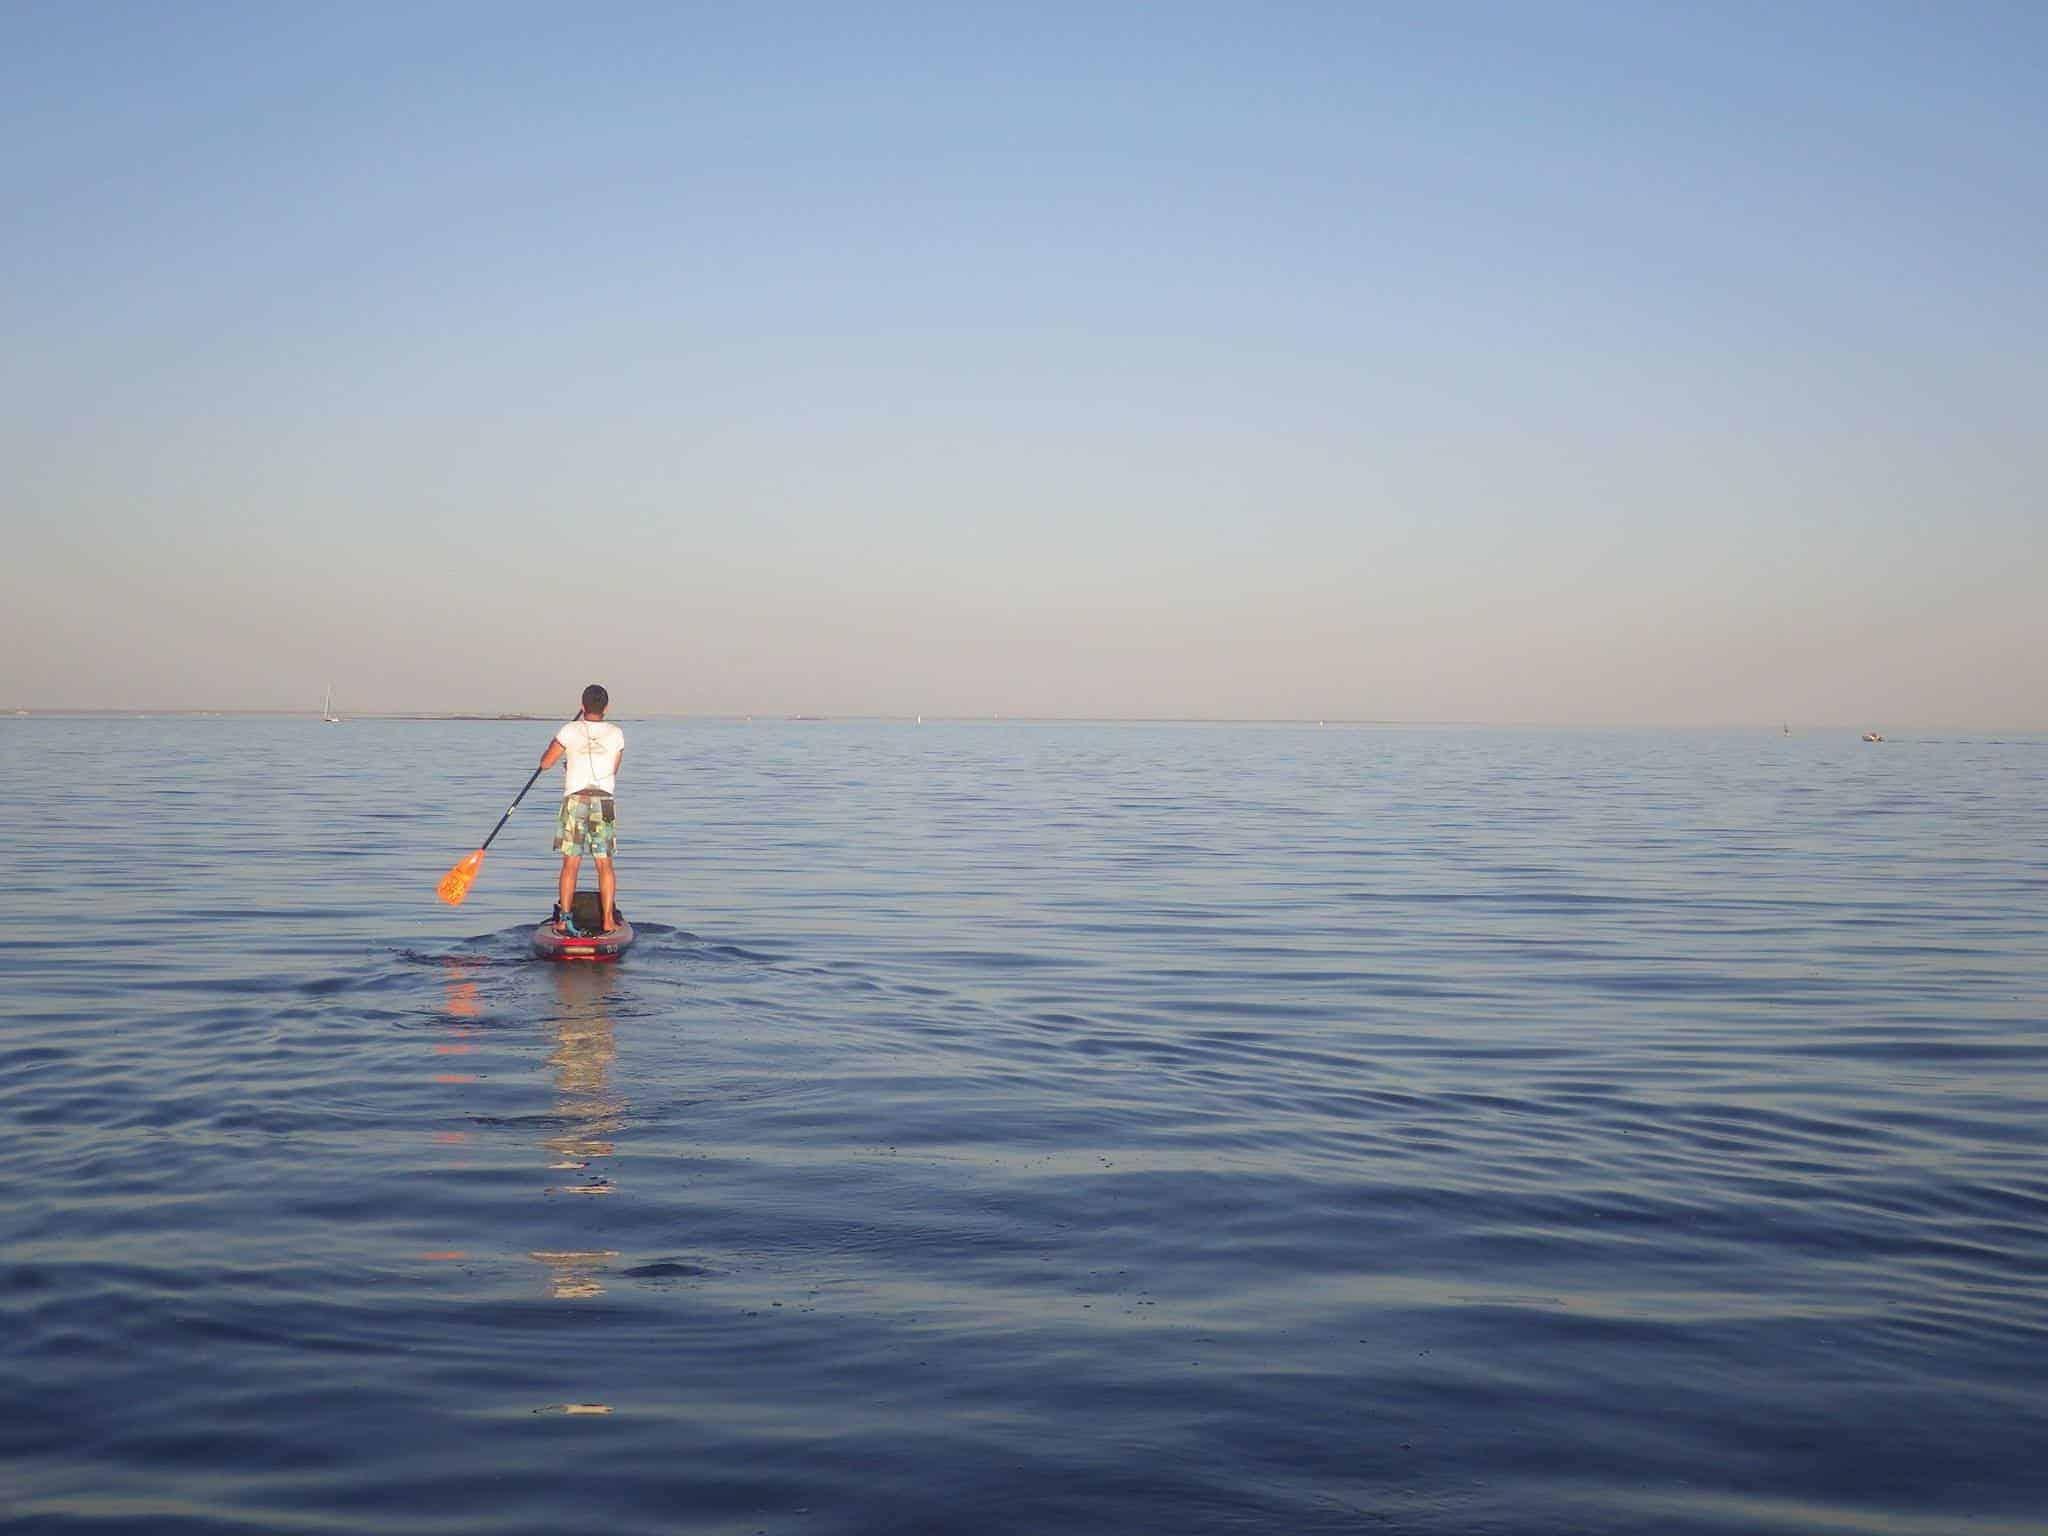 activites nautique en loire-atlantique paddle